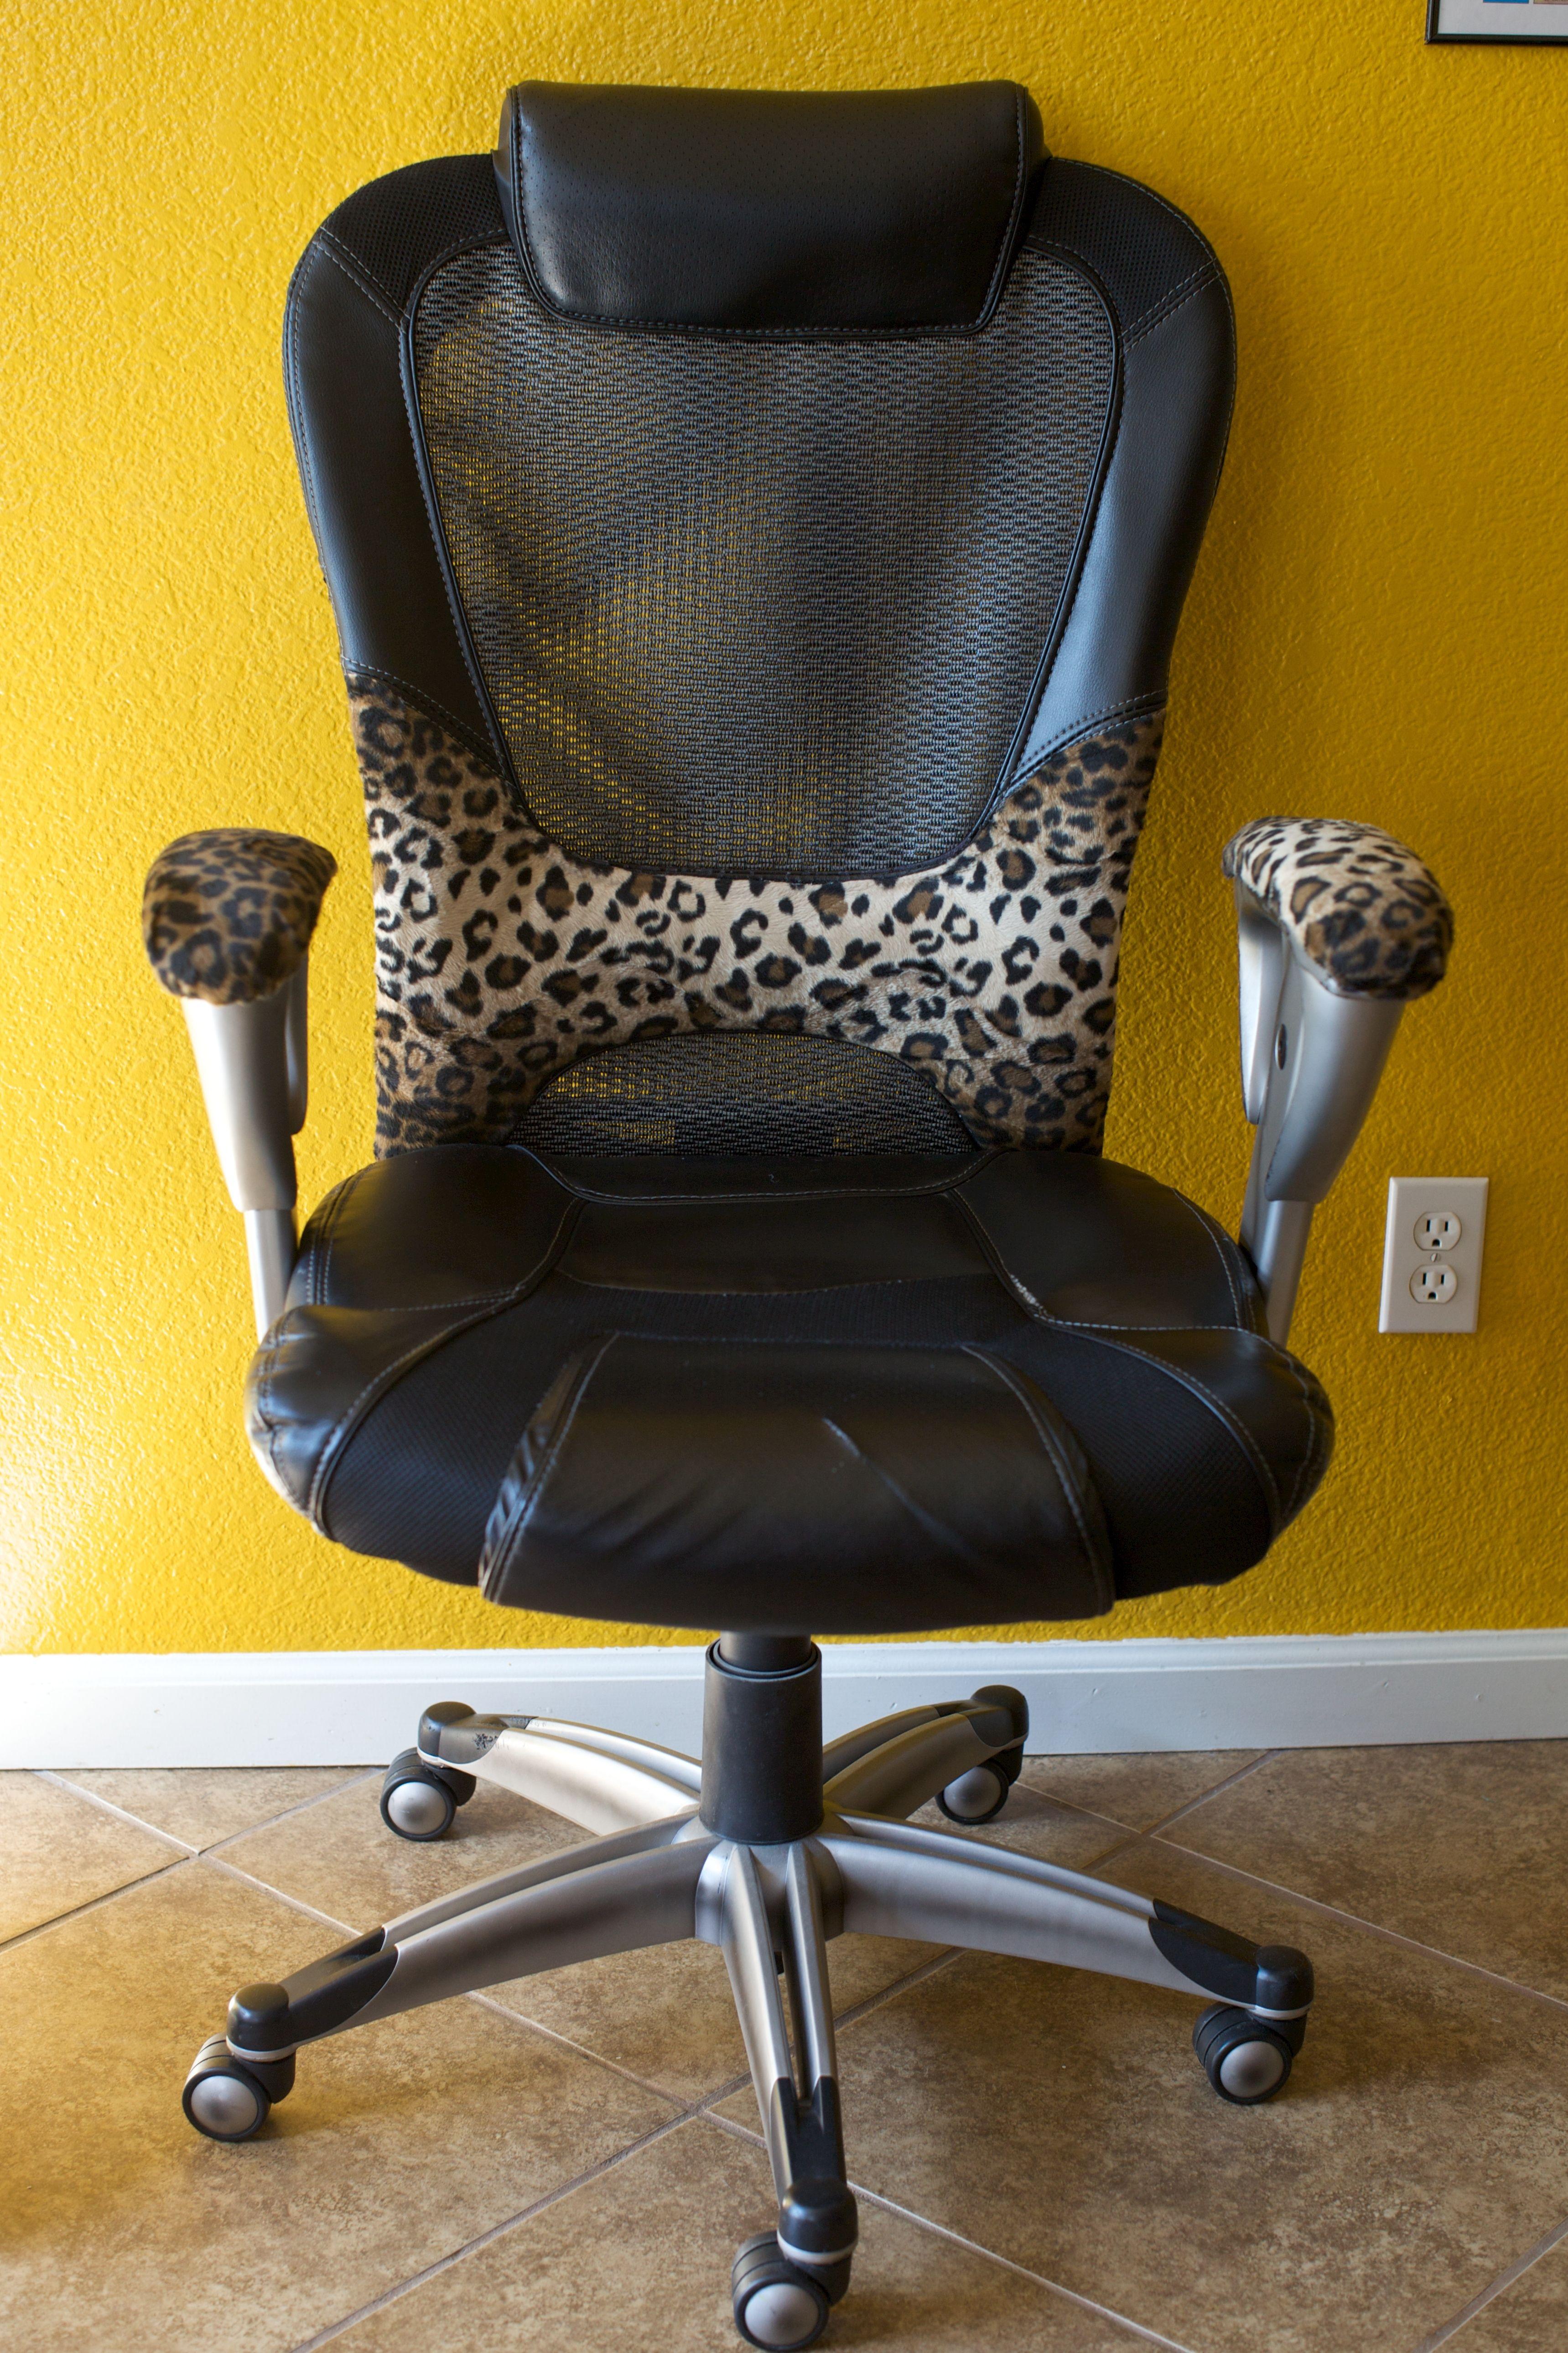 Cheetah Print Office Chair